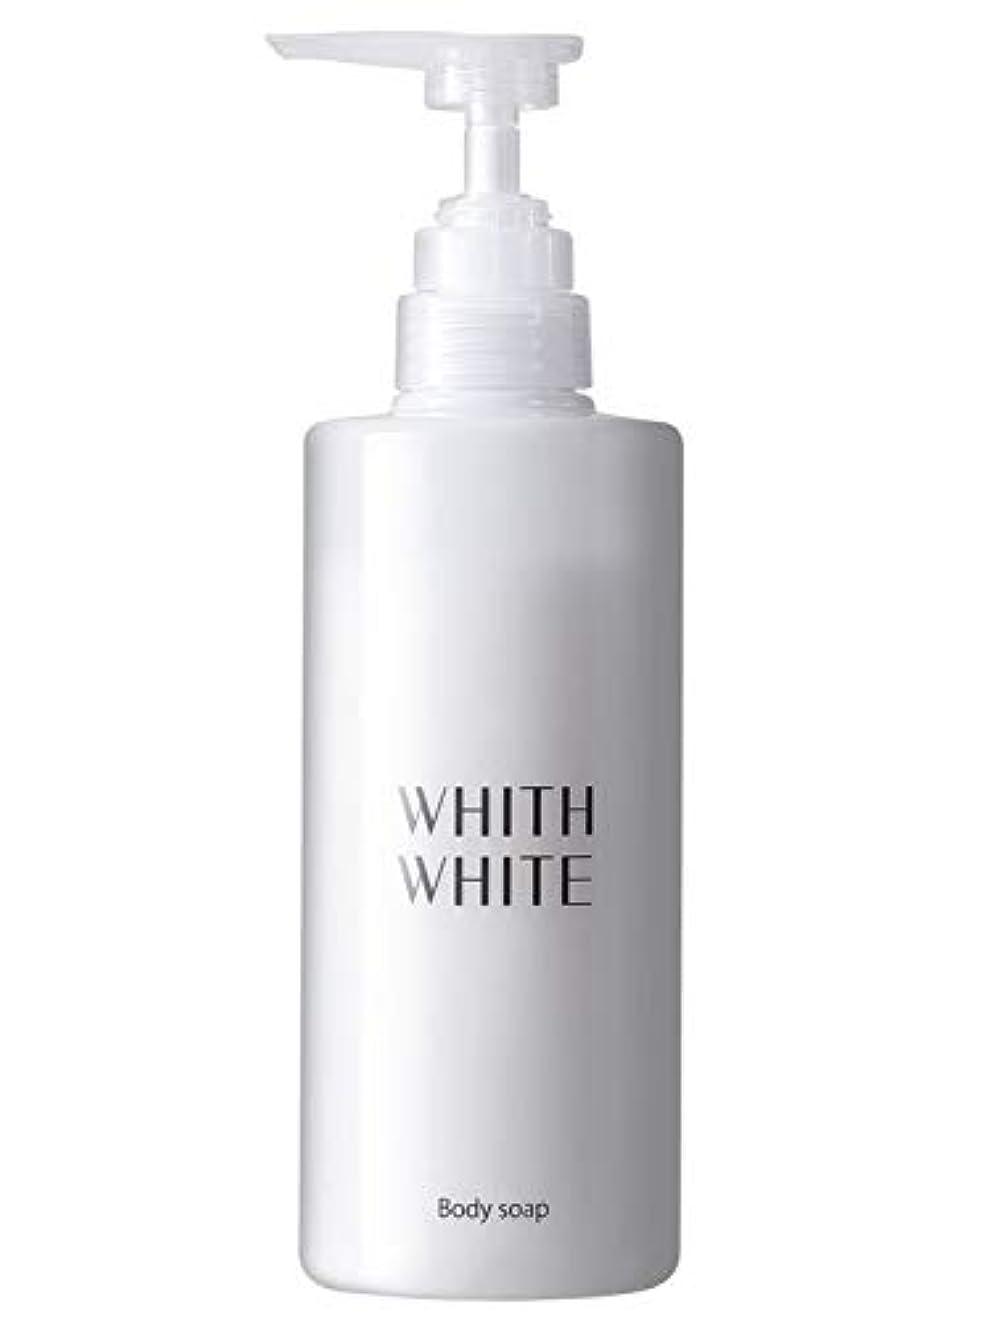 モザイクファランクス全員無添加 ボディソープ フィス ホワイト 【 エレガントフローラルのいい香り 】 保湿 ボディーソープ 「 泡で黒ずみ さっぱり ボディシャンプー 」「 ヒアルロン酸 コラーゲン セラミド 配合」450ml